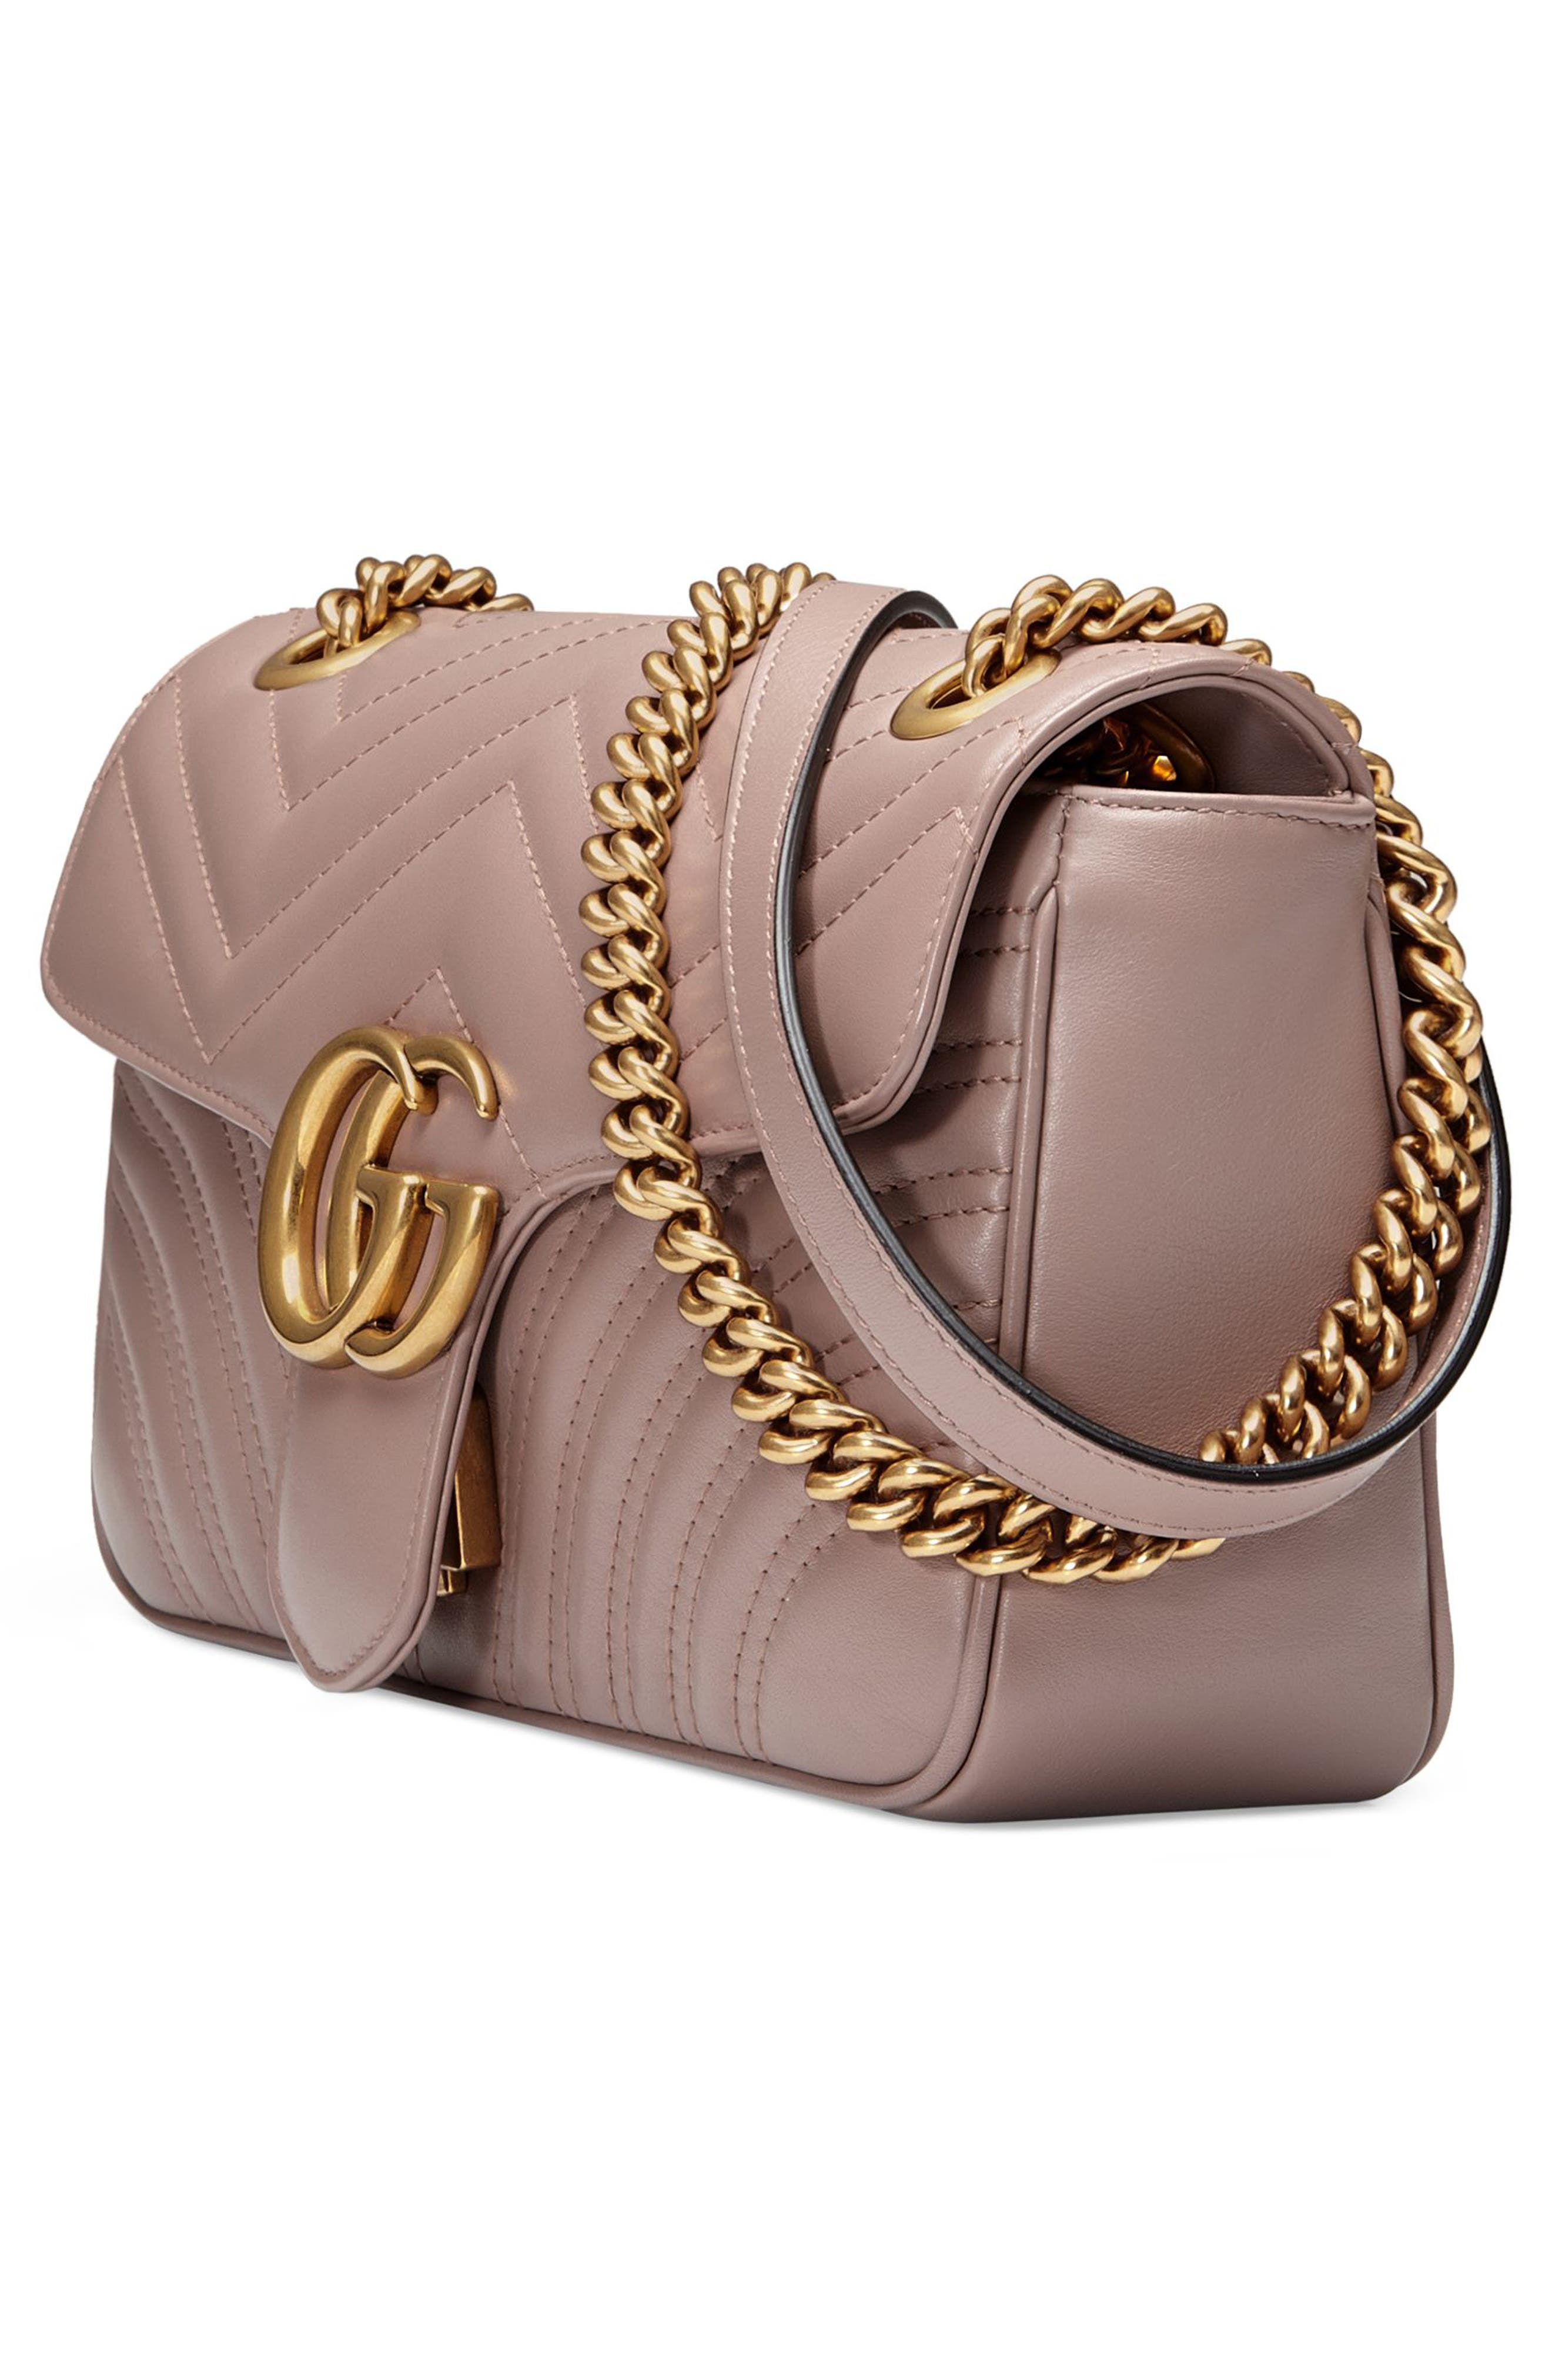 GUCCI, Small GG Marmont 2.0 Matelassé Leather Shoulder Bag, Alternate thumbnail 4, color, PORCELAIN ROSE/ PORCELAIN ROSE